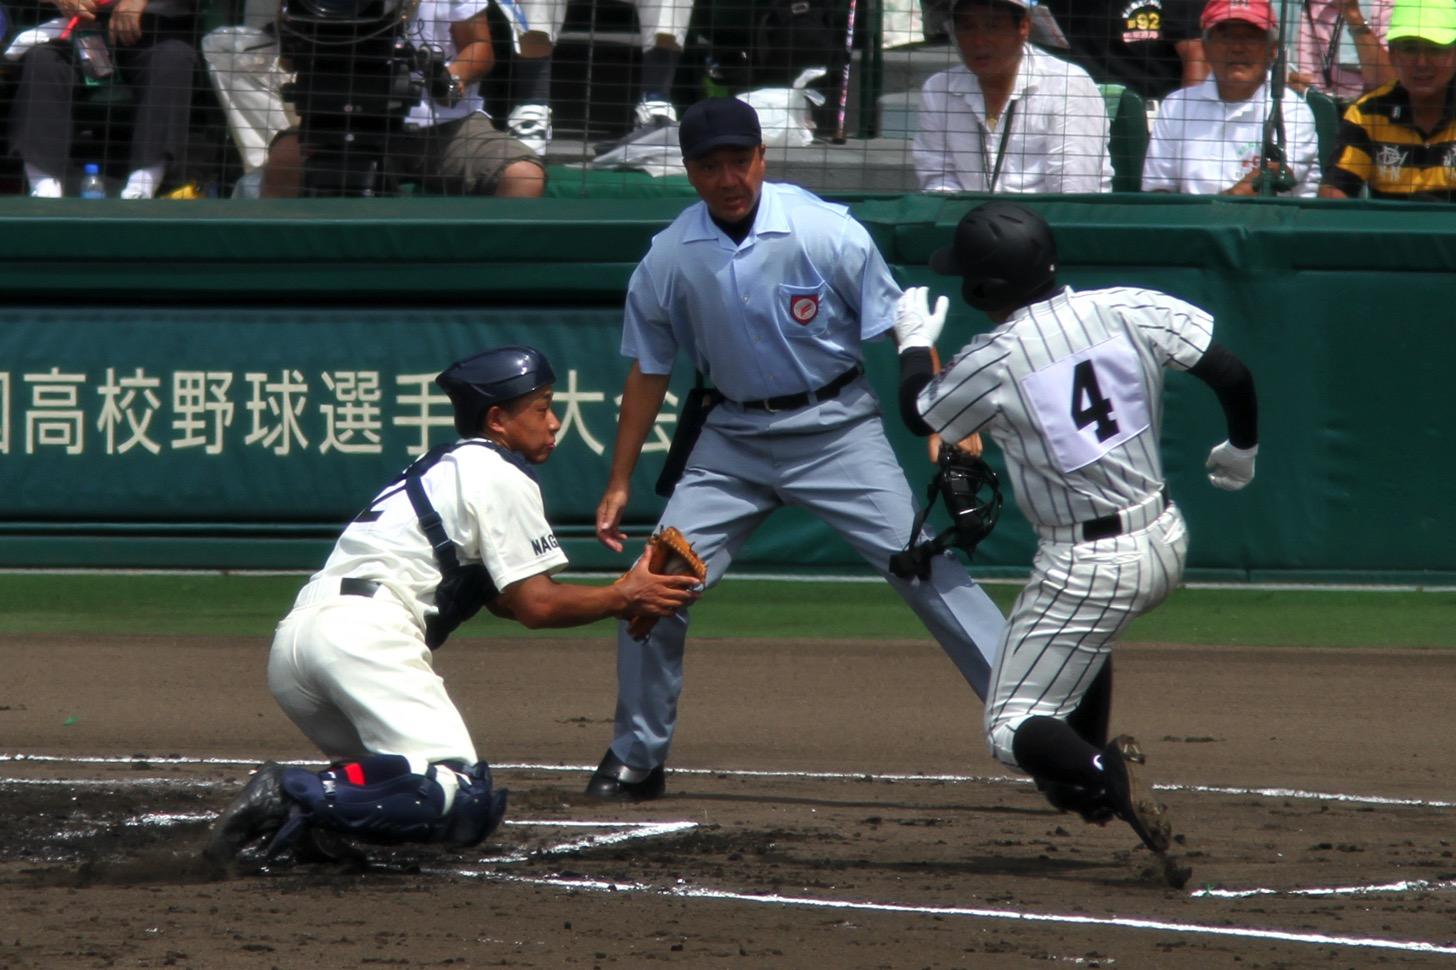 甲子園 高校野球